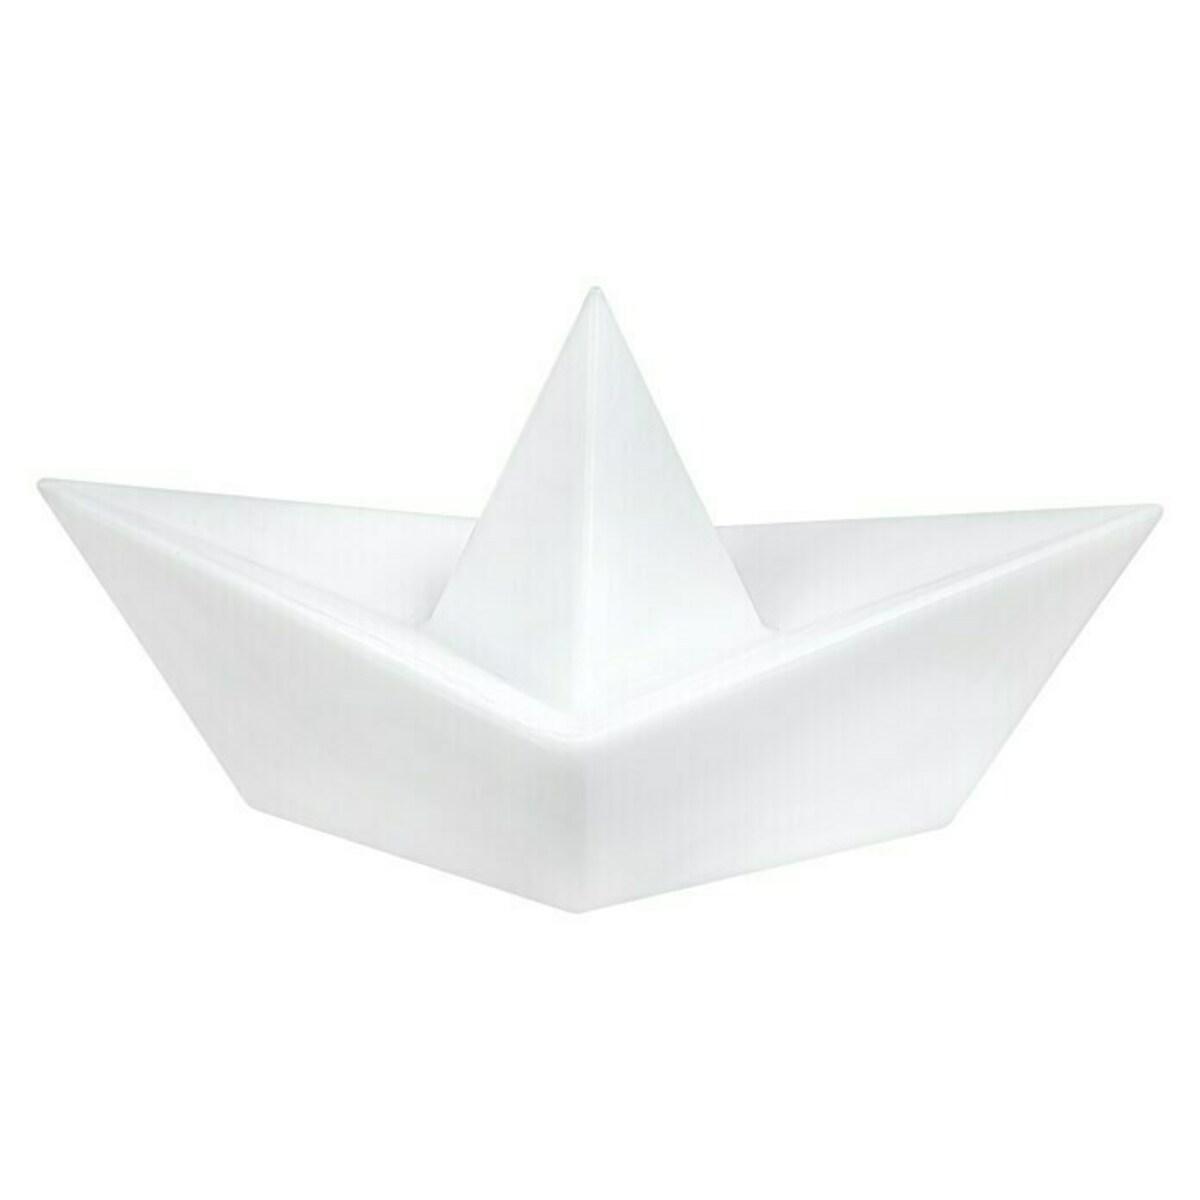 Bild 1 von BAUHAUS Solarleuchte Schiff